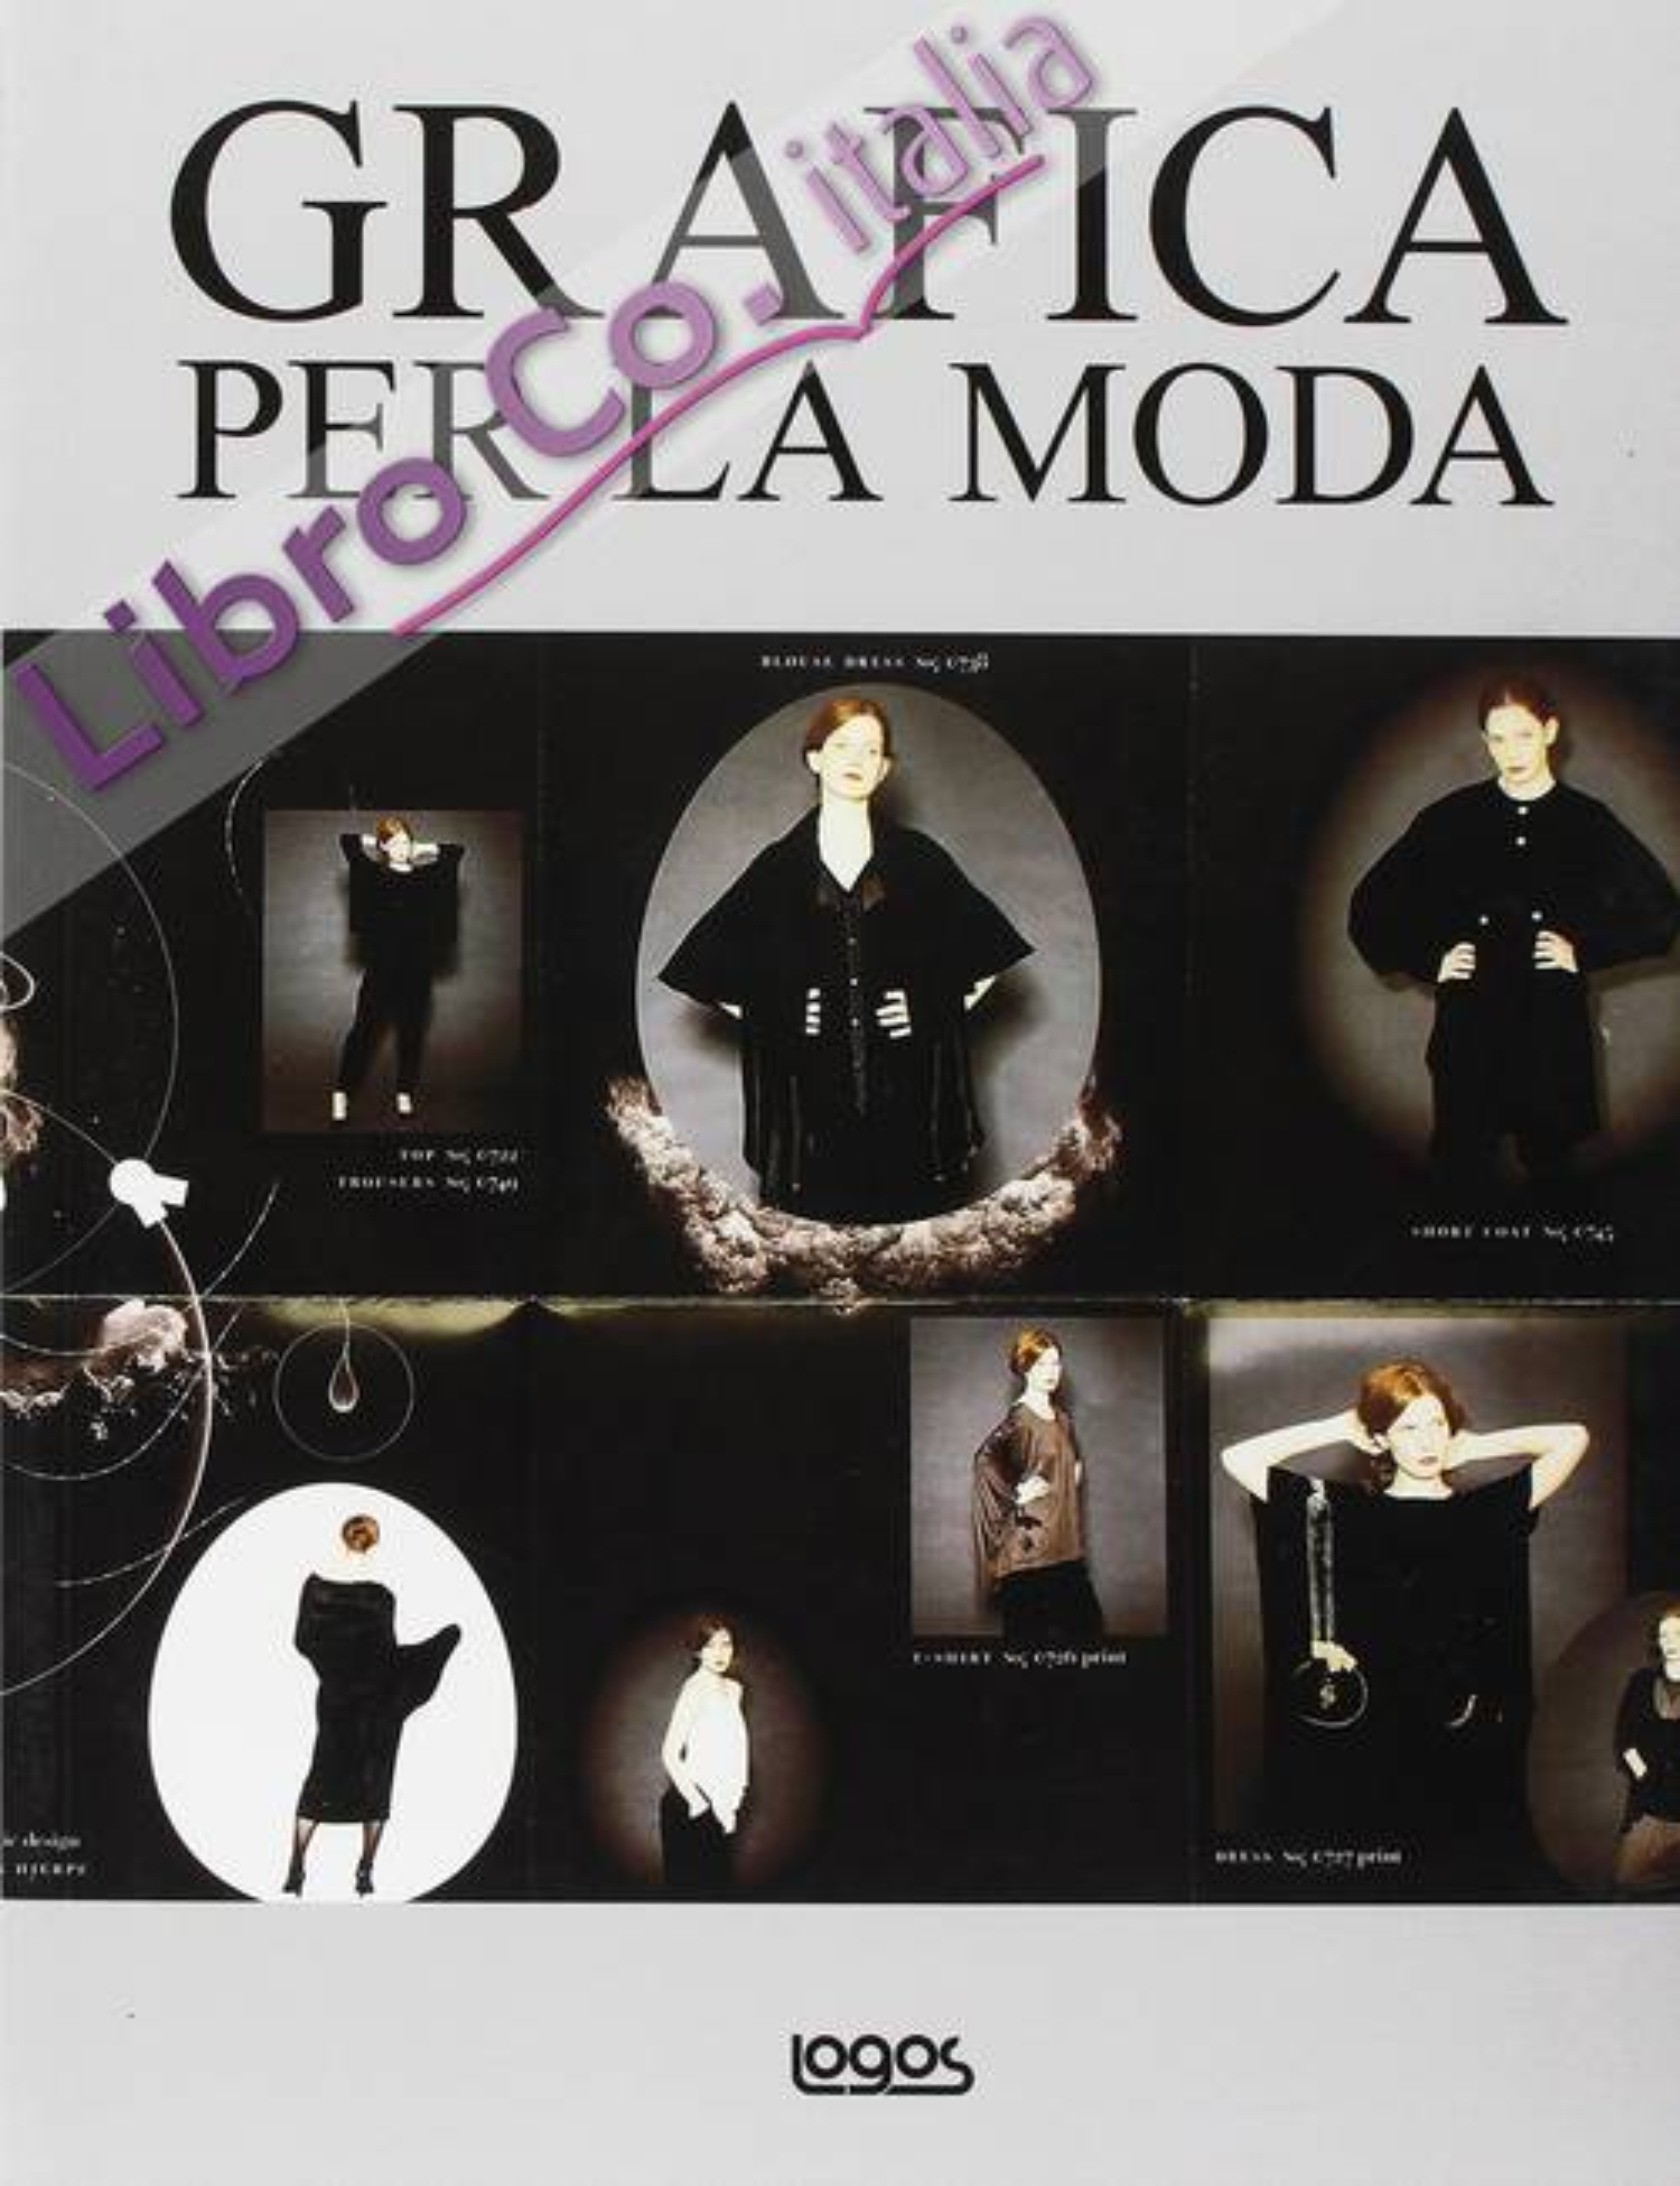 Grafica per la moda